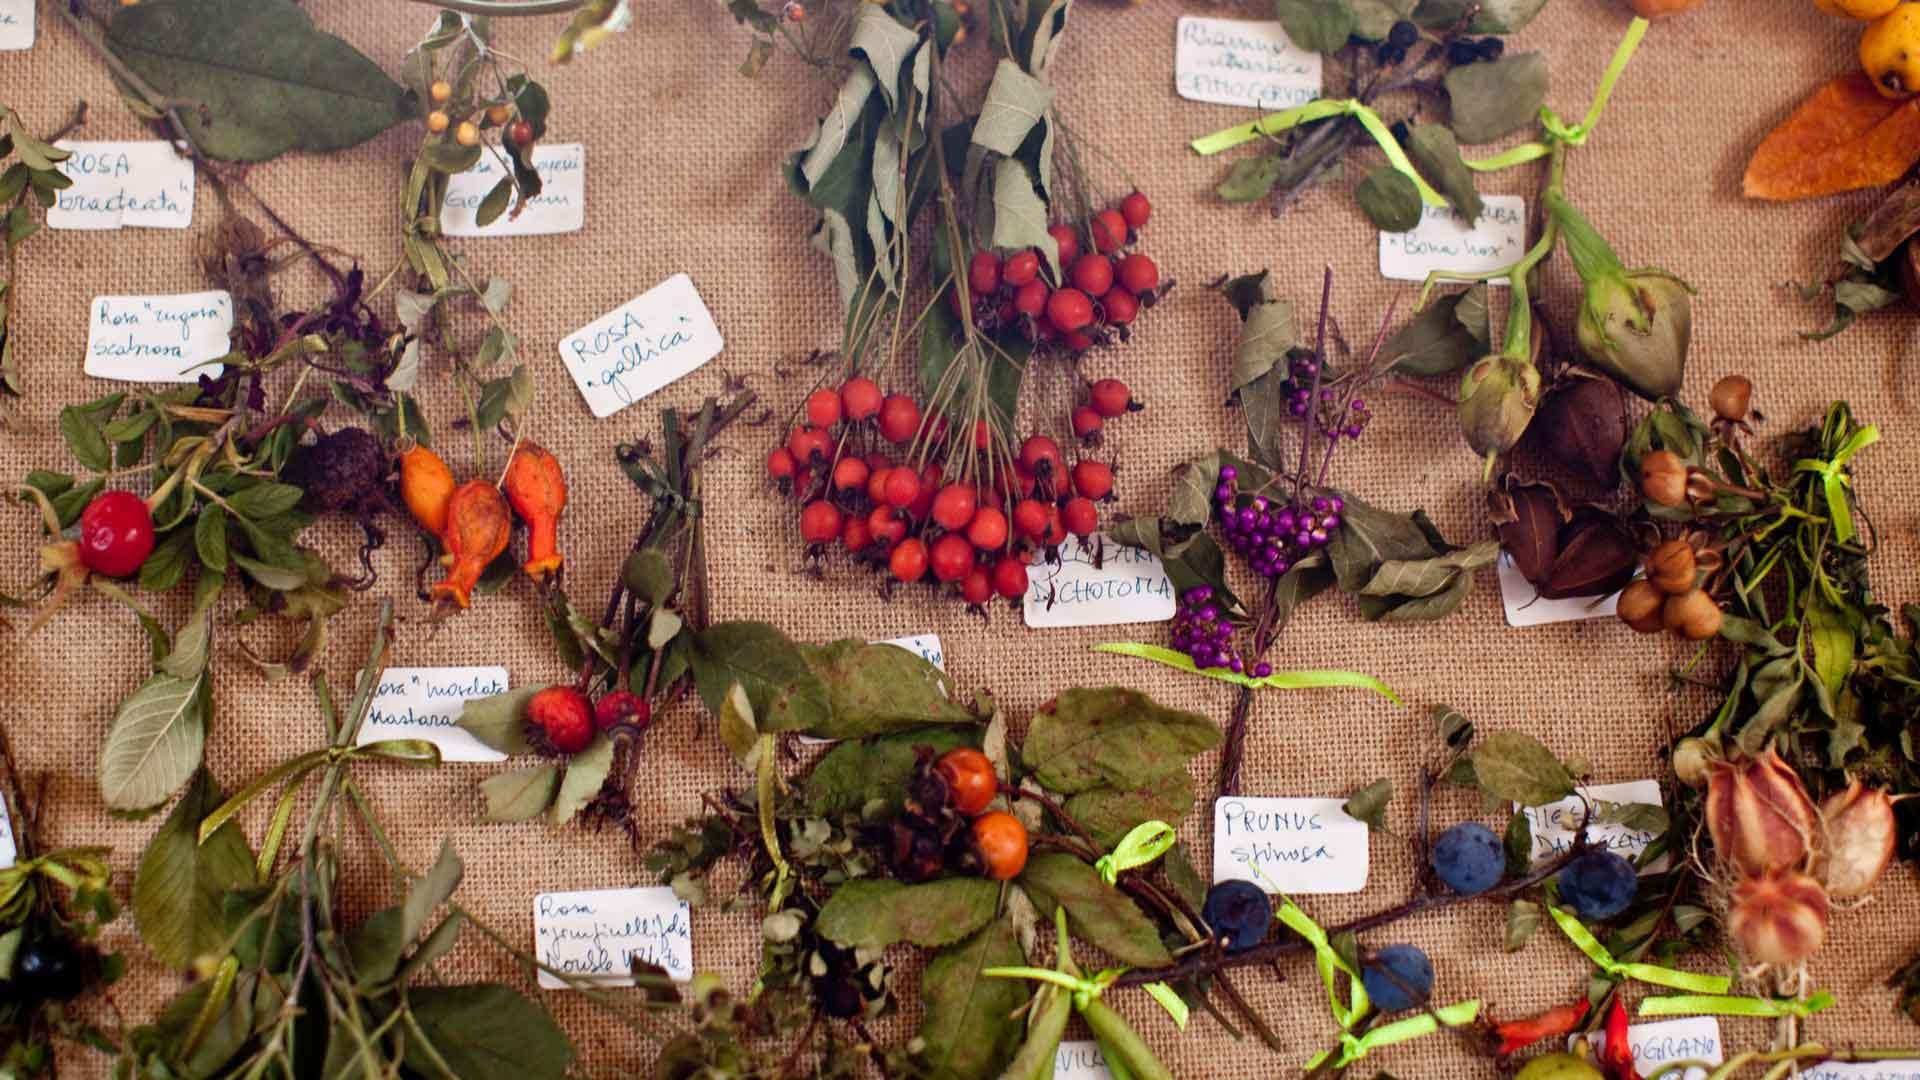 I fiori in tazza: imparare a riconoscere le piante officinali e aromatiche